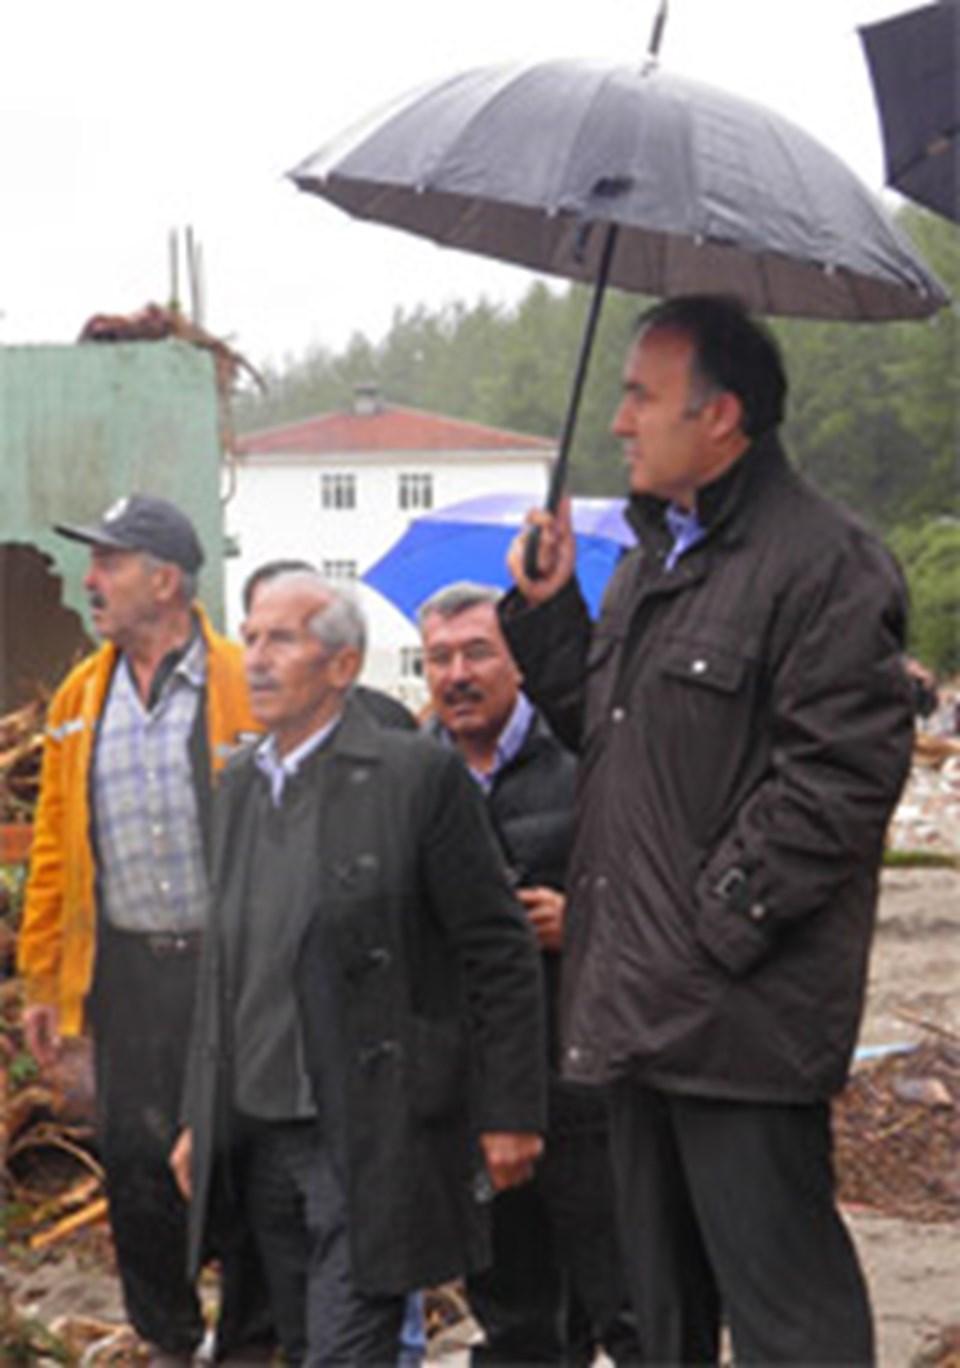 Vali Altıparmak Haskızılören köyünde incelemelerde bulundu.